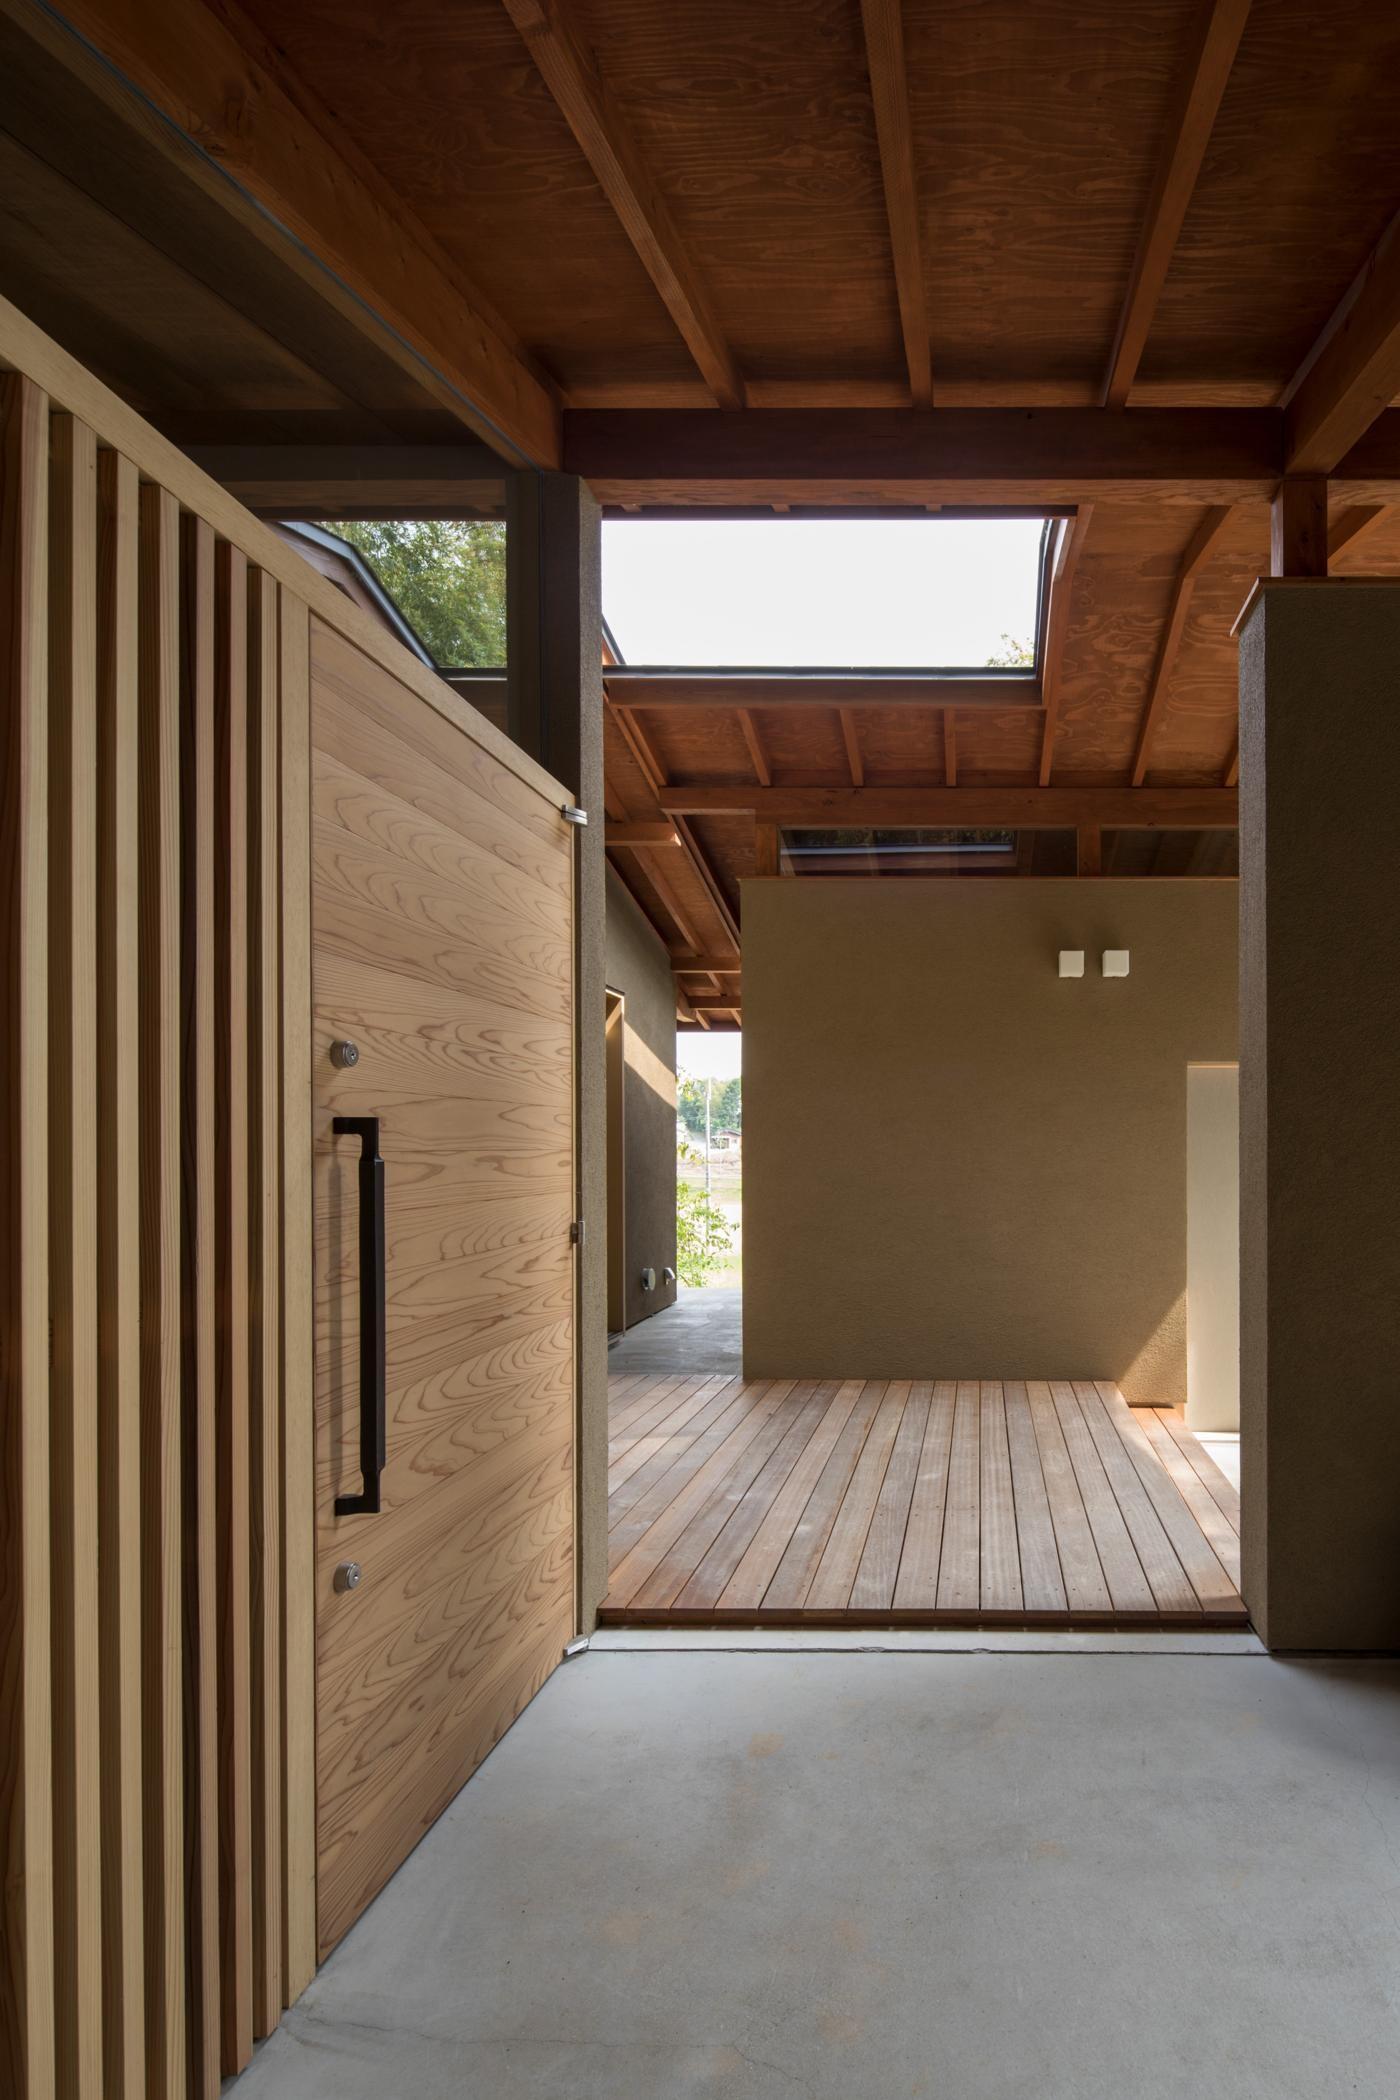 玄関事例:光と風がほどよく入る落ち着いた玄関ポーチ(竹林の家/里山と竹林に囲まれながら田園風景を見渡す大らかな住まい)